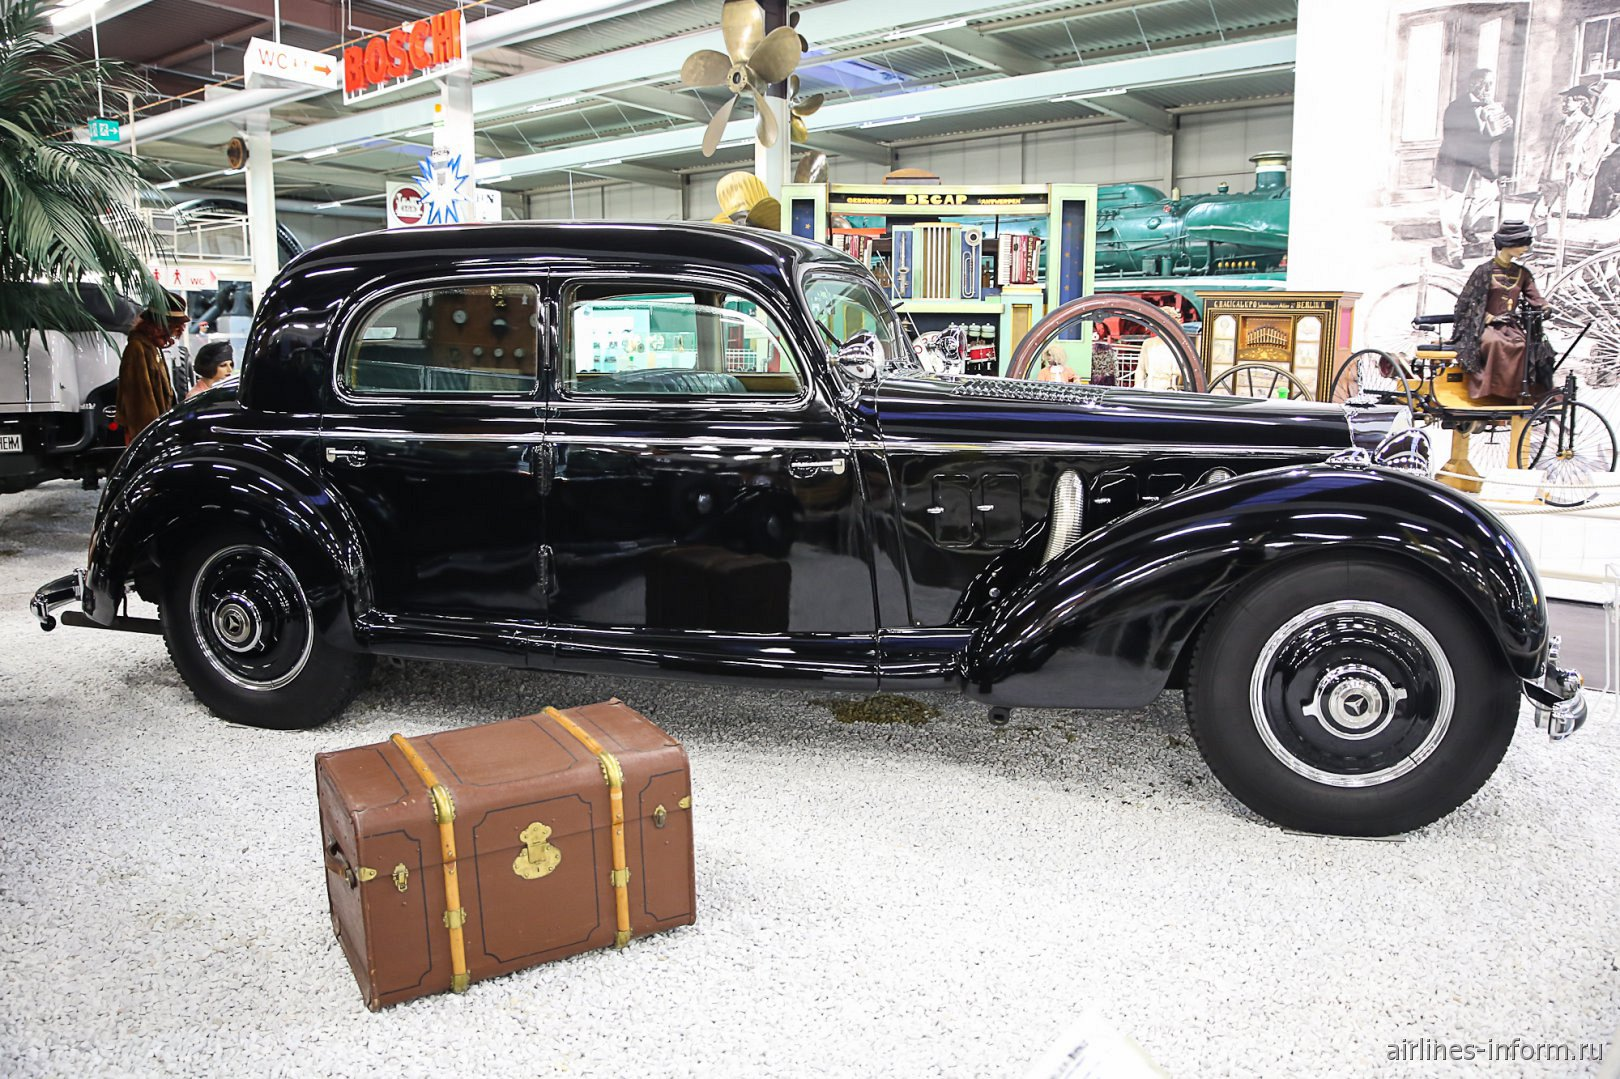 Автомобиль Мерседес-Бенц в музее техники в Зинсхайме